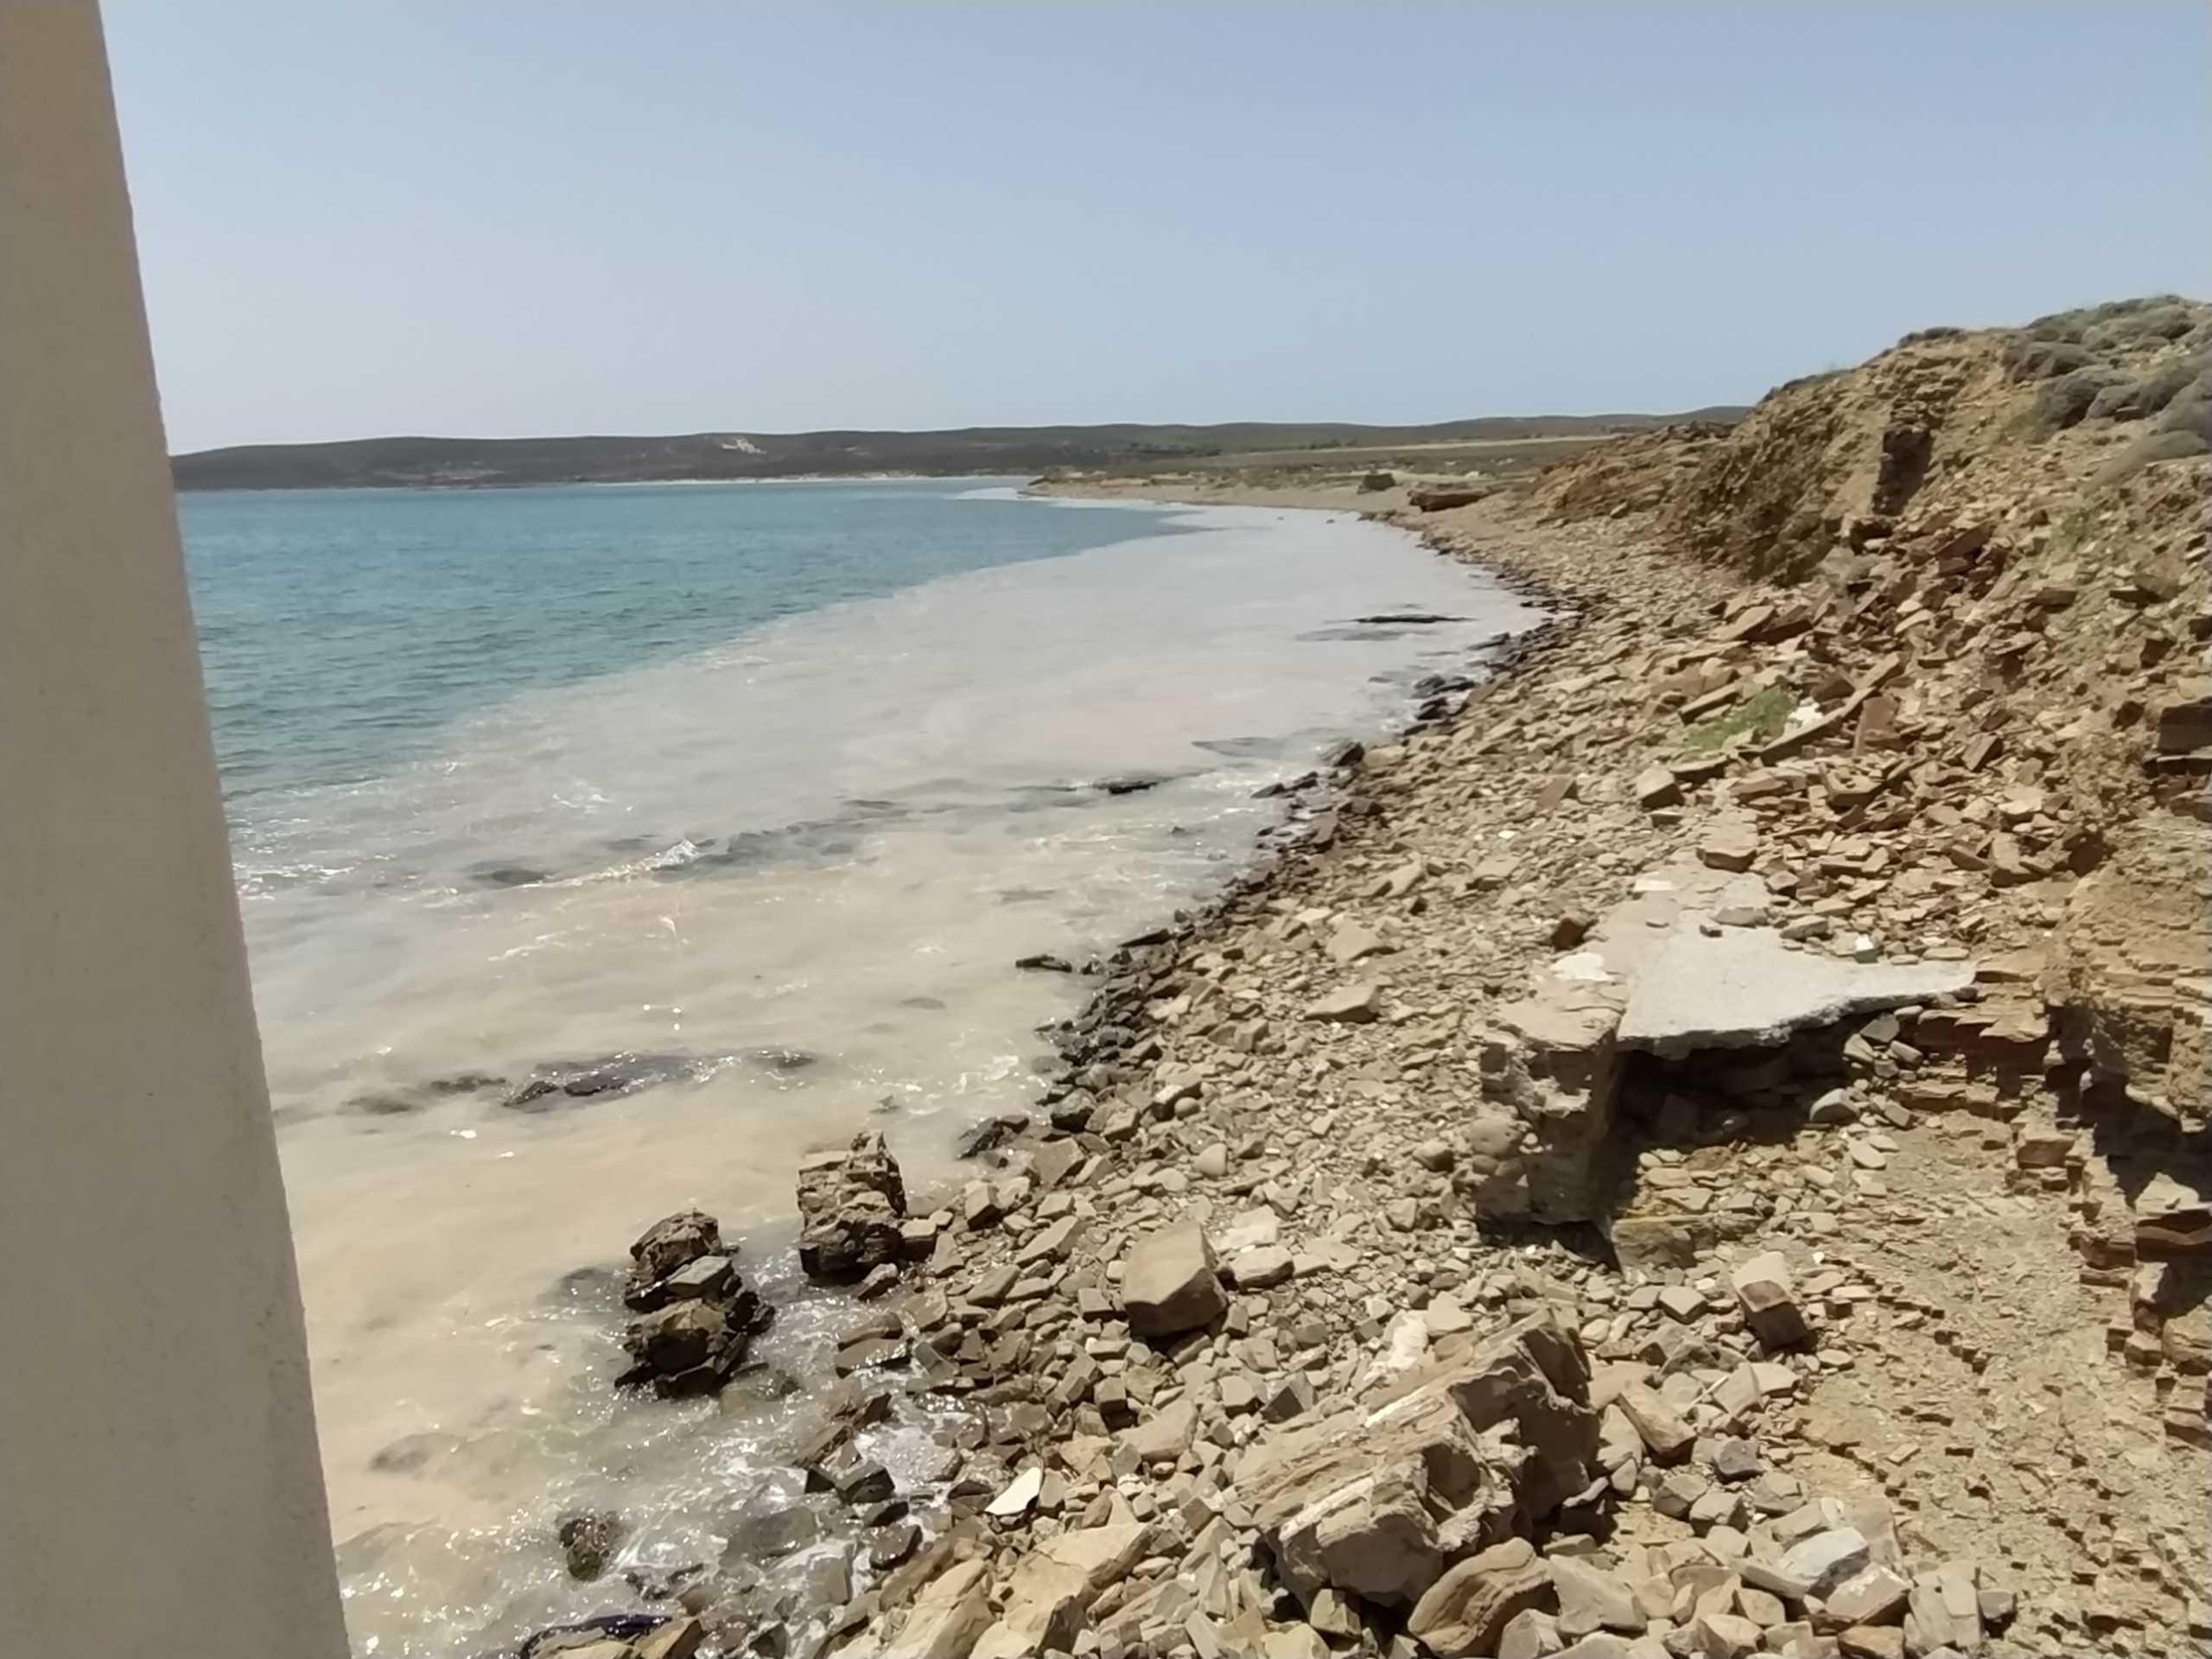 Λήμνος: Ανησυχία μετά την εμφάνιση βλέννας στη θάλασσα – Εσπευσμένα στο νησί κλιμάκιο του υπ. Περιβάλλοντος